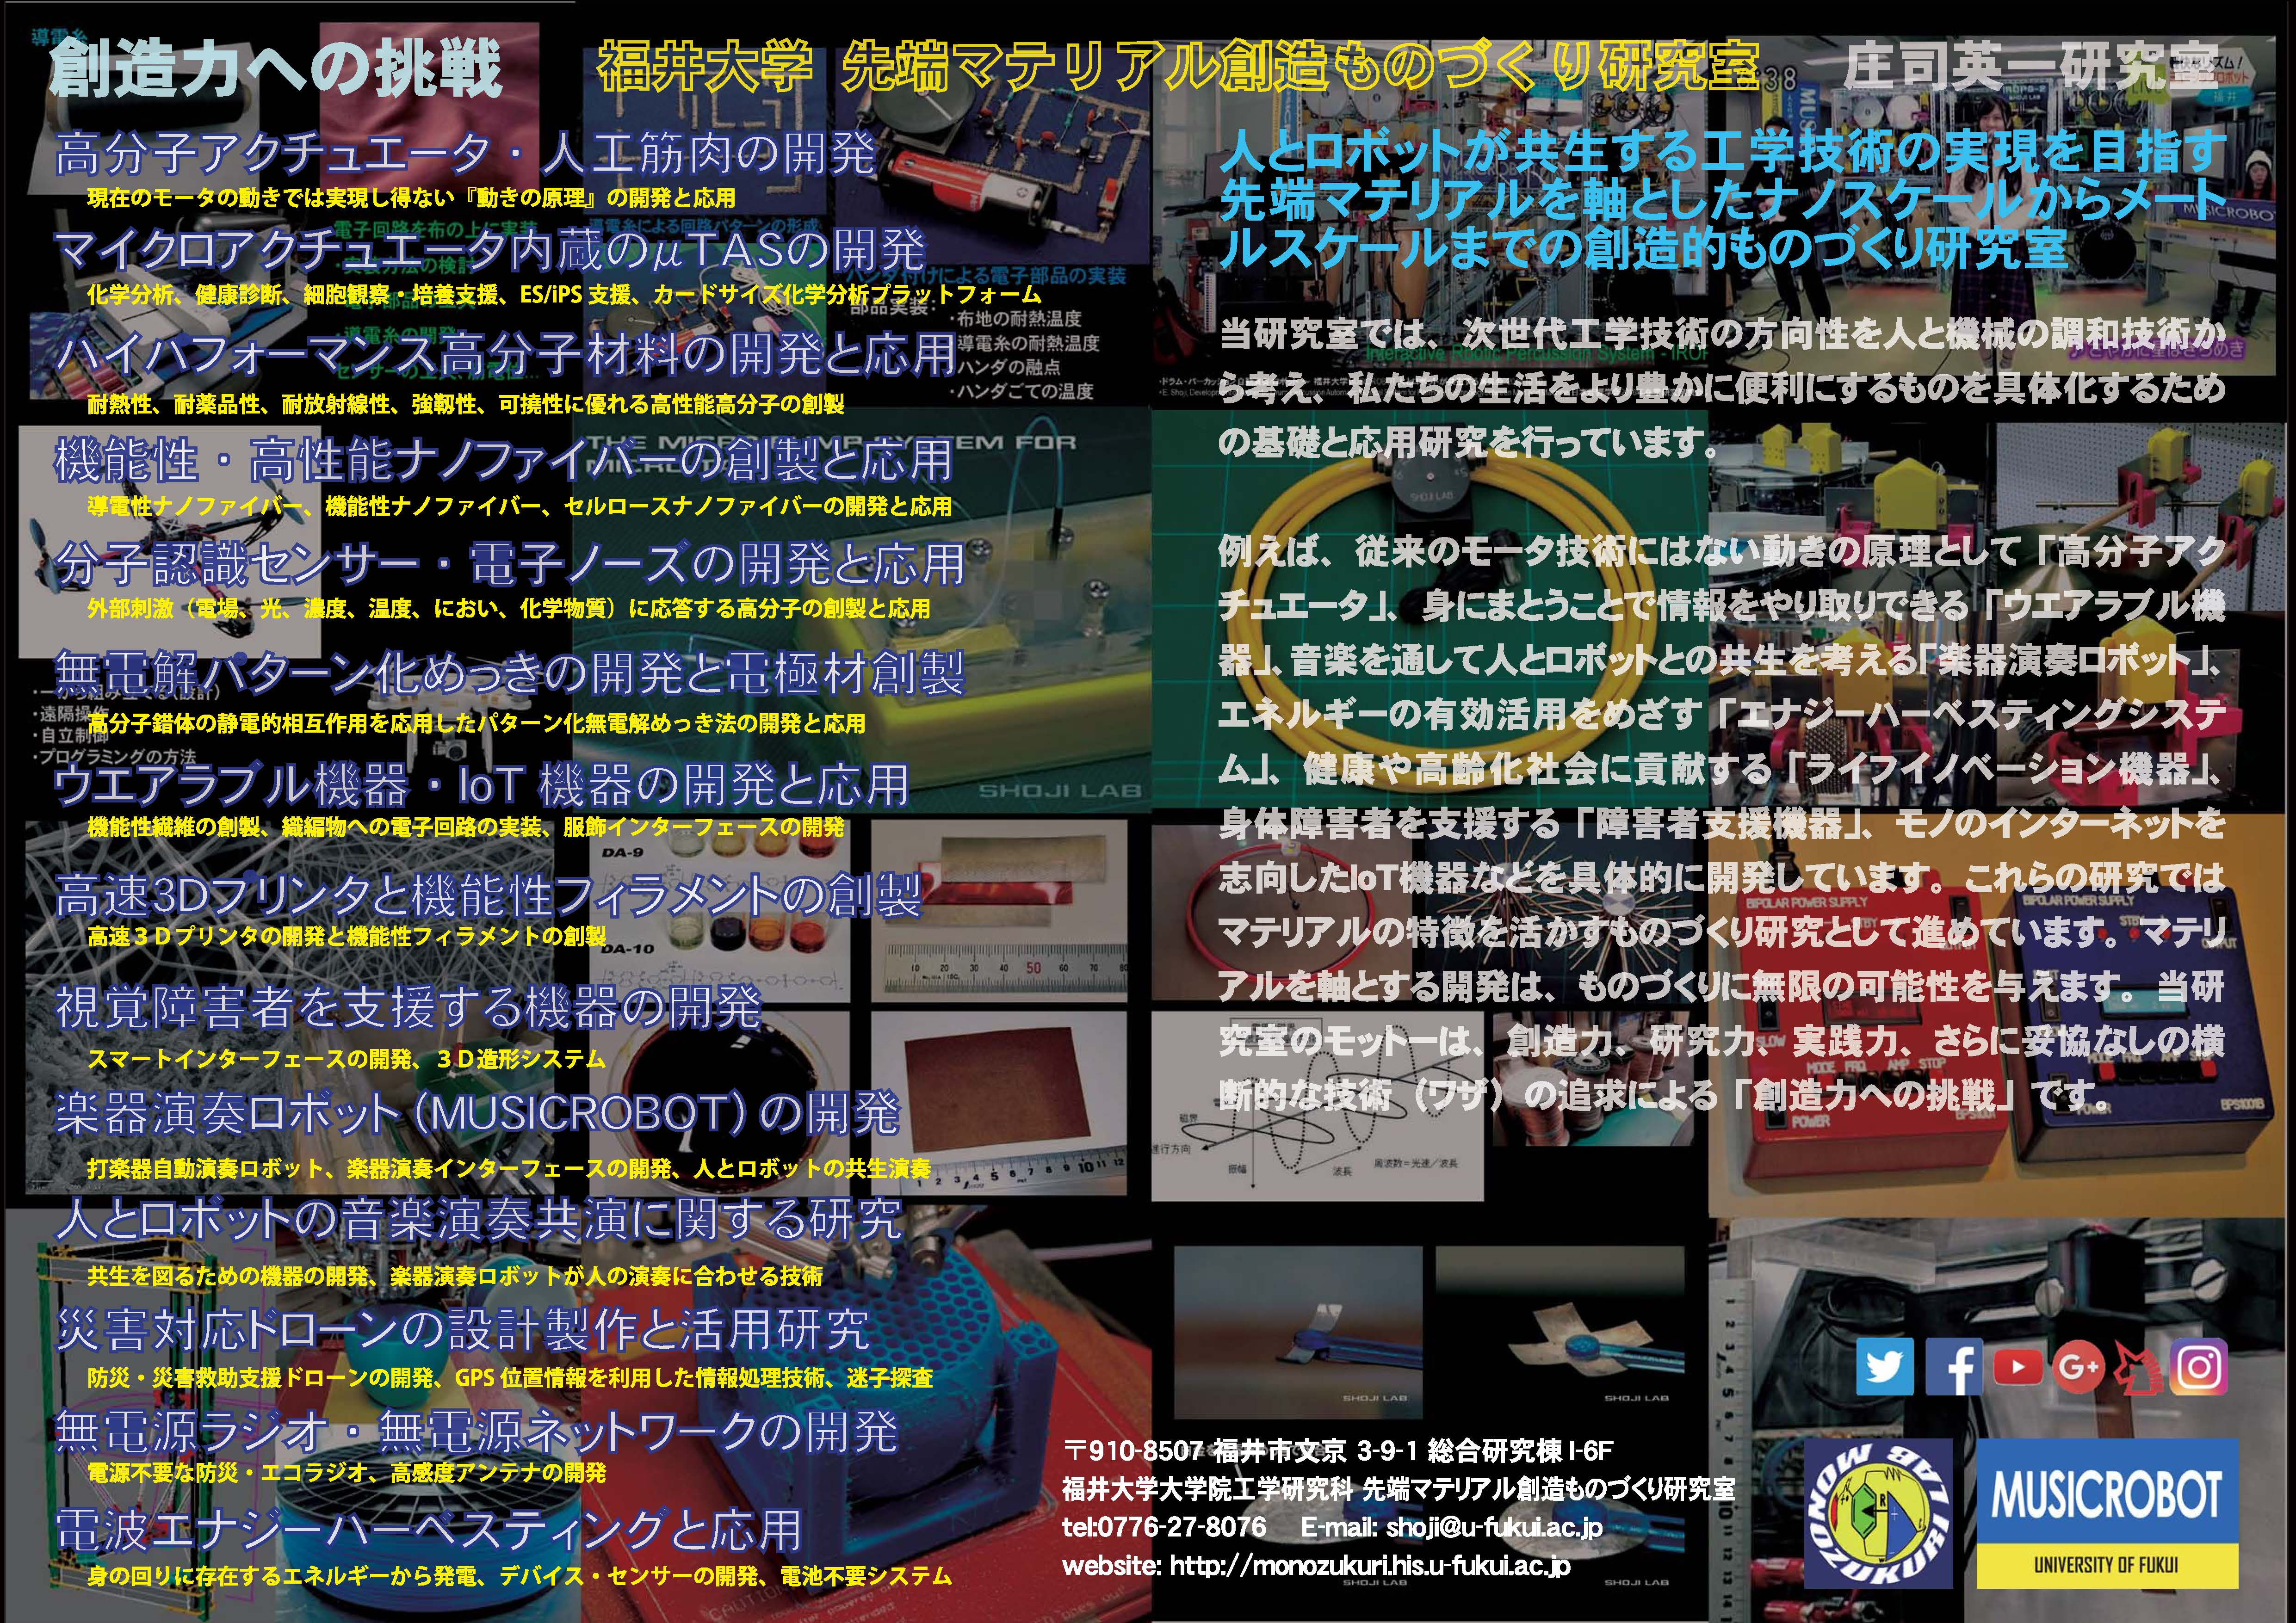 shoji_lab_2017_1_1.jpg